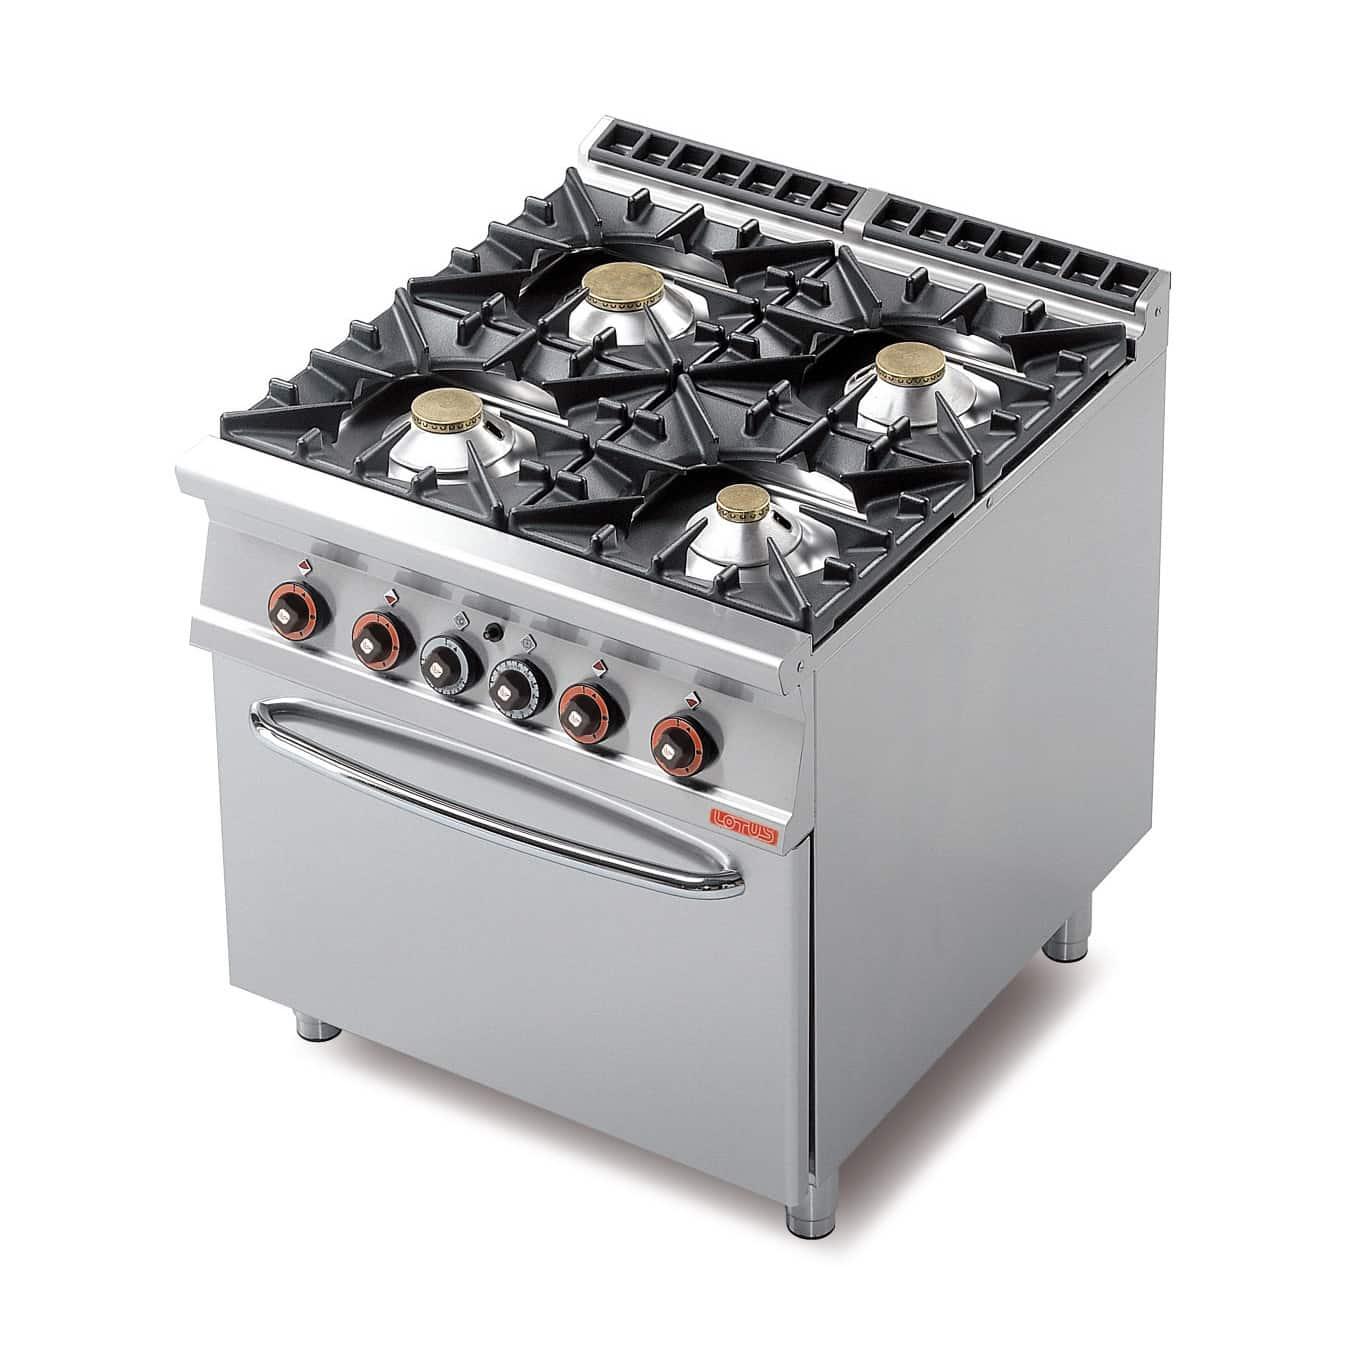 Attrezzature professionali per ristorazione piani cottura - Migliore cucina a gas ...